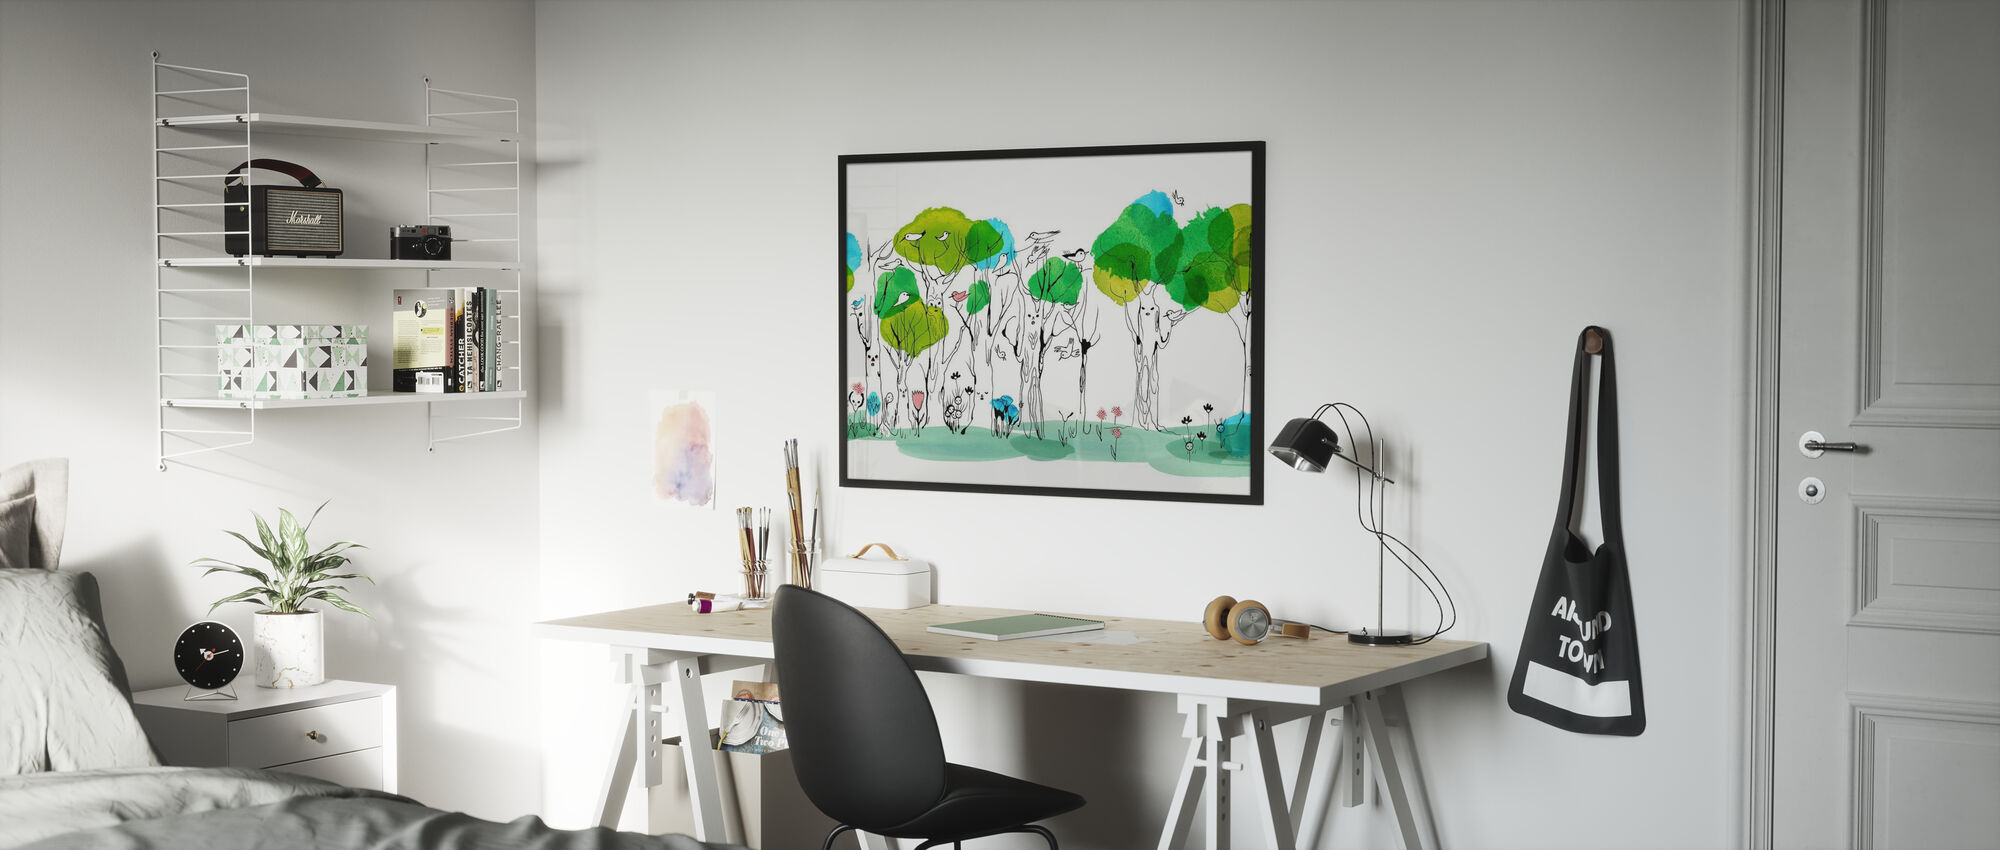 Flüsterender Baum - Poster - Kinderzimmer